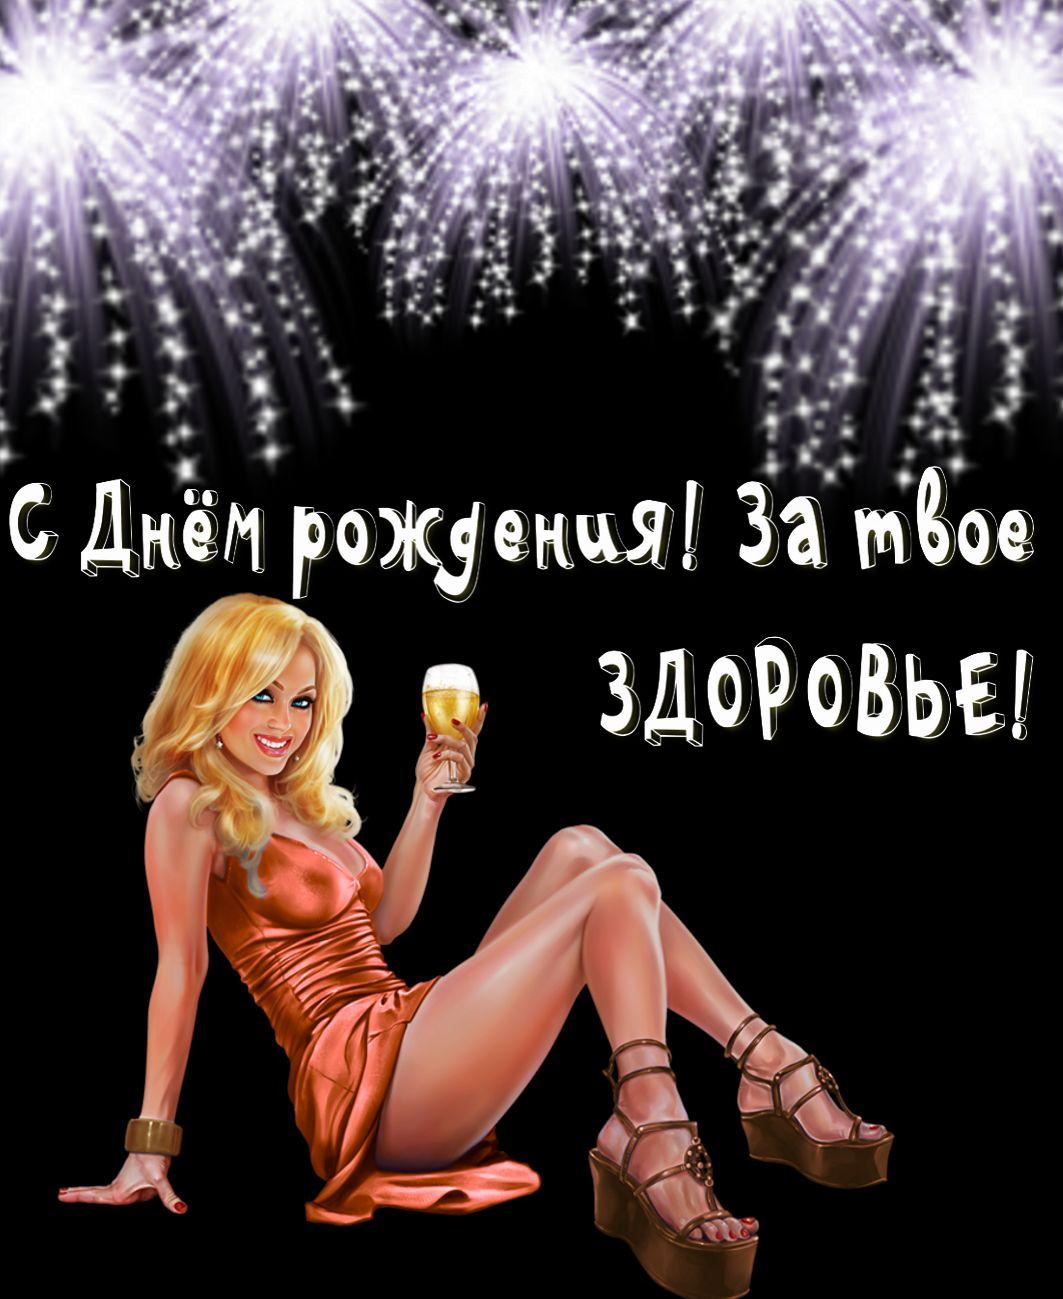 открытка с днем рождения - шикарная блондинка на фоне салюта